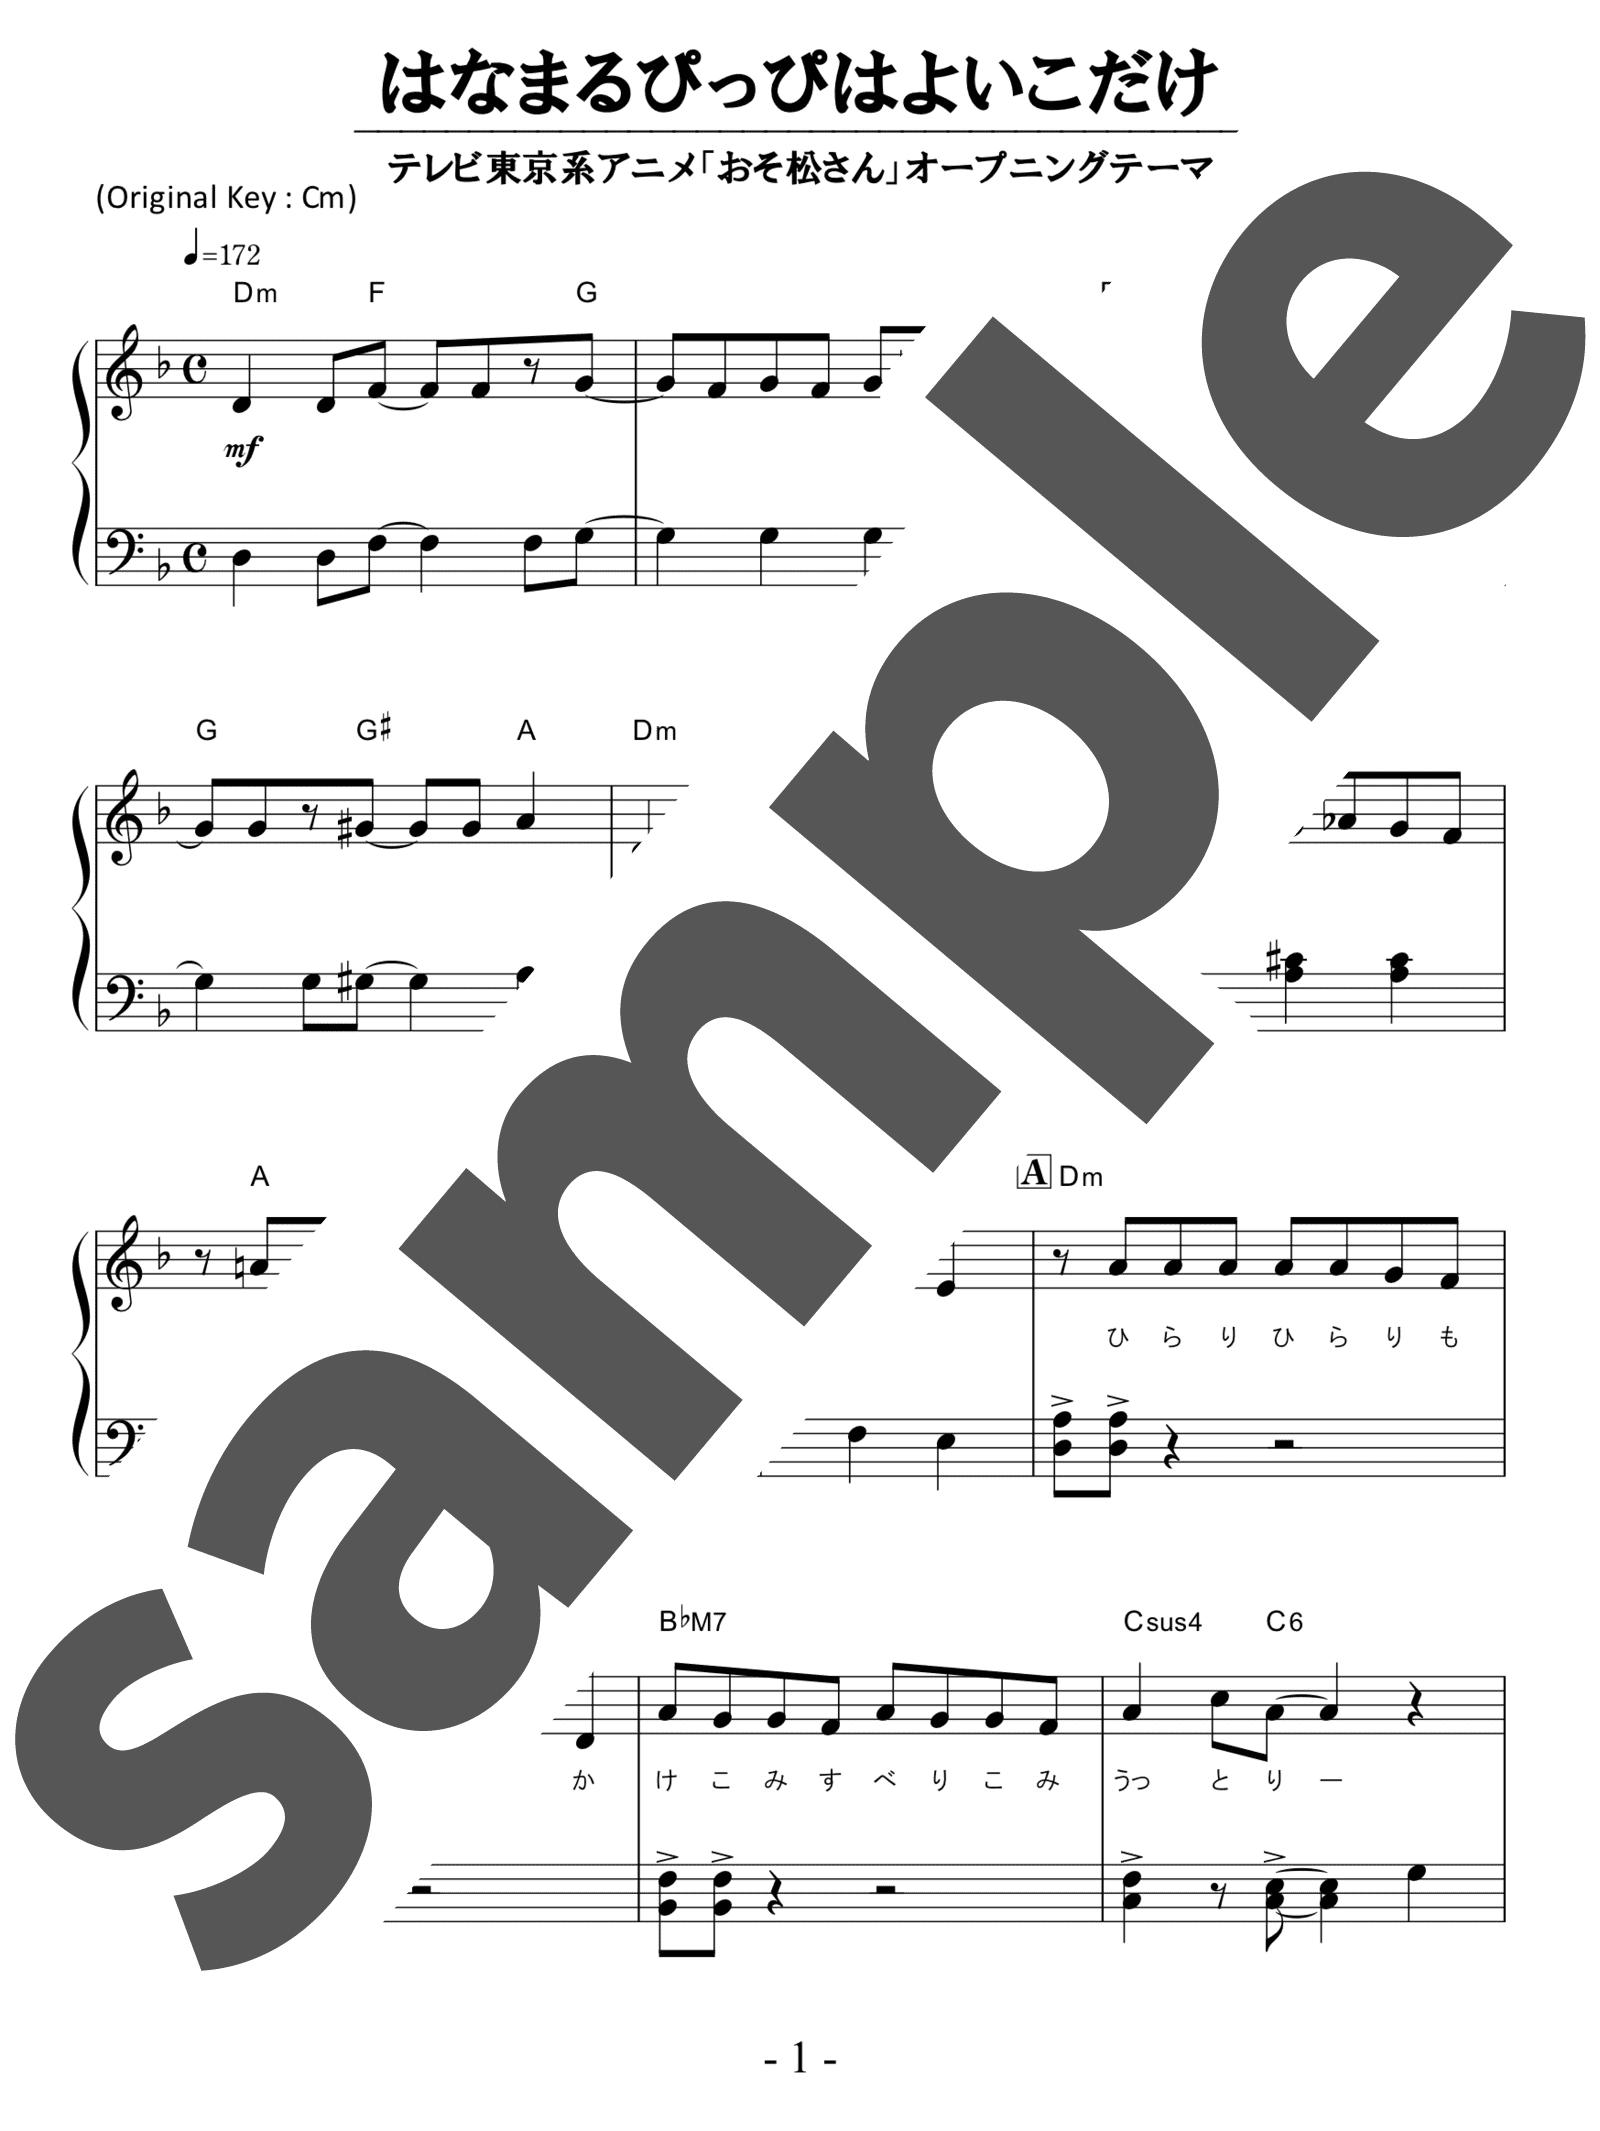 「はなまるぴっぴはよいこだけ」のサンプル楽譜